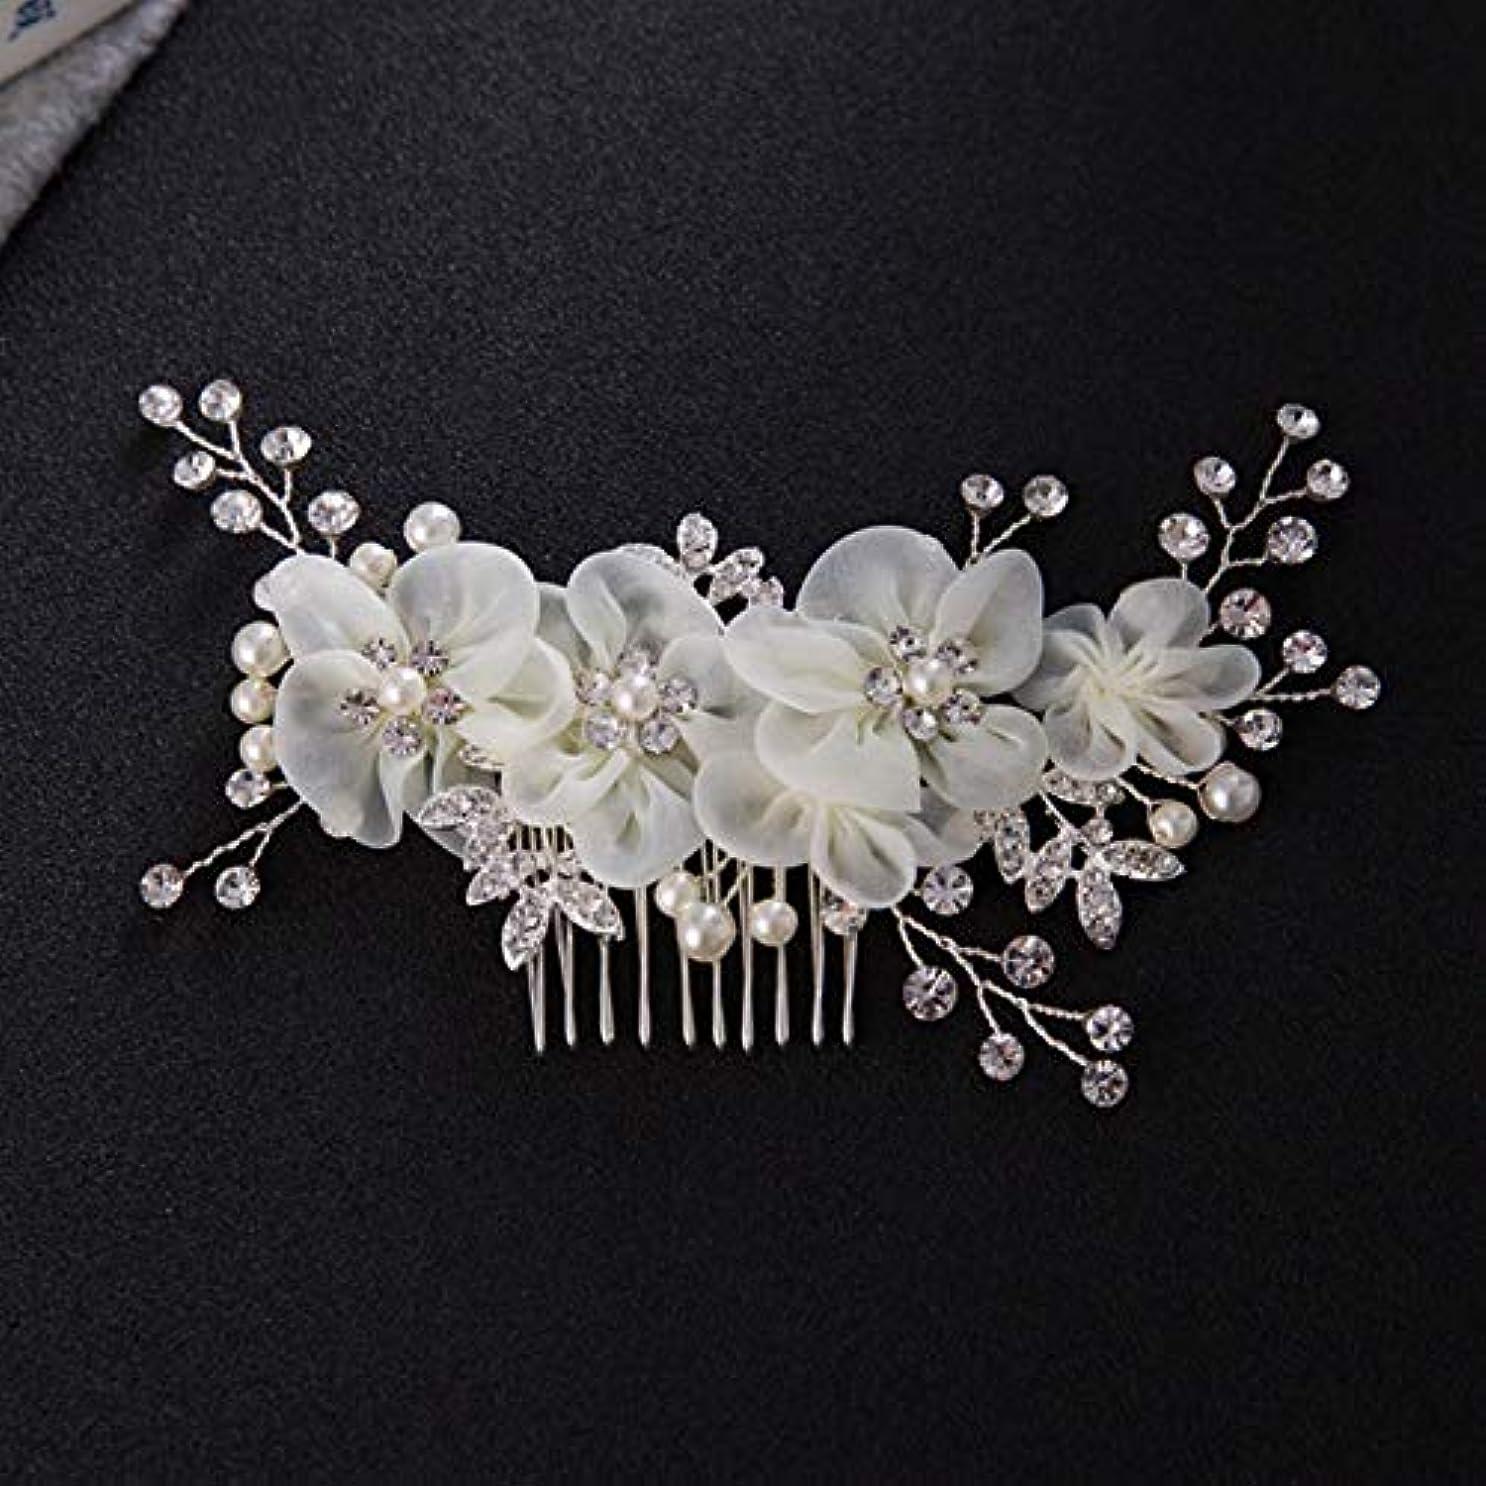 袋生き残ります味Wadachikis 耐久新しいファッションラグジュアリークリスタル結婚式ブライダルヘアクリップ(None white)